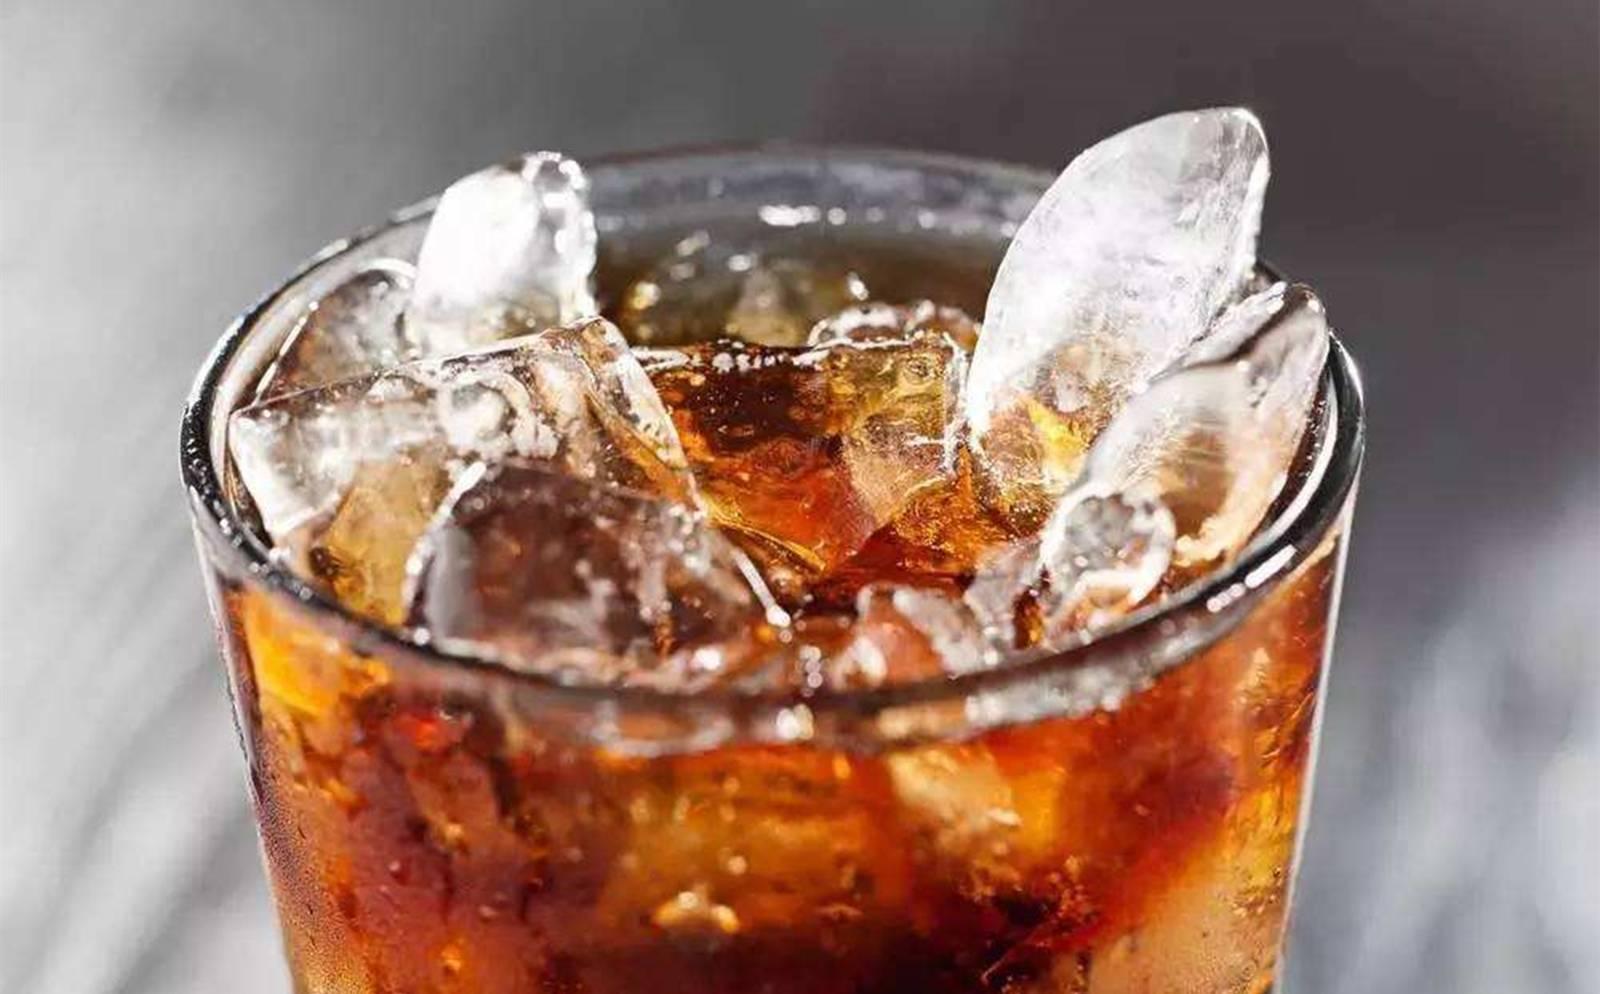 喝可乐到底有什么好处?少量饮用可乐的话,有促进肠胃消化的作用